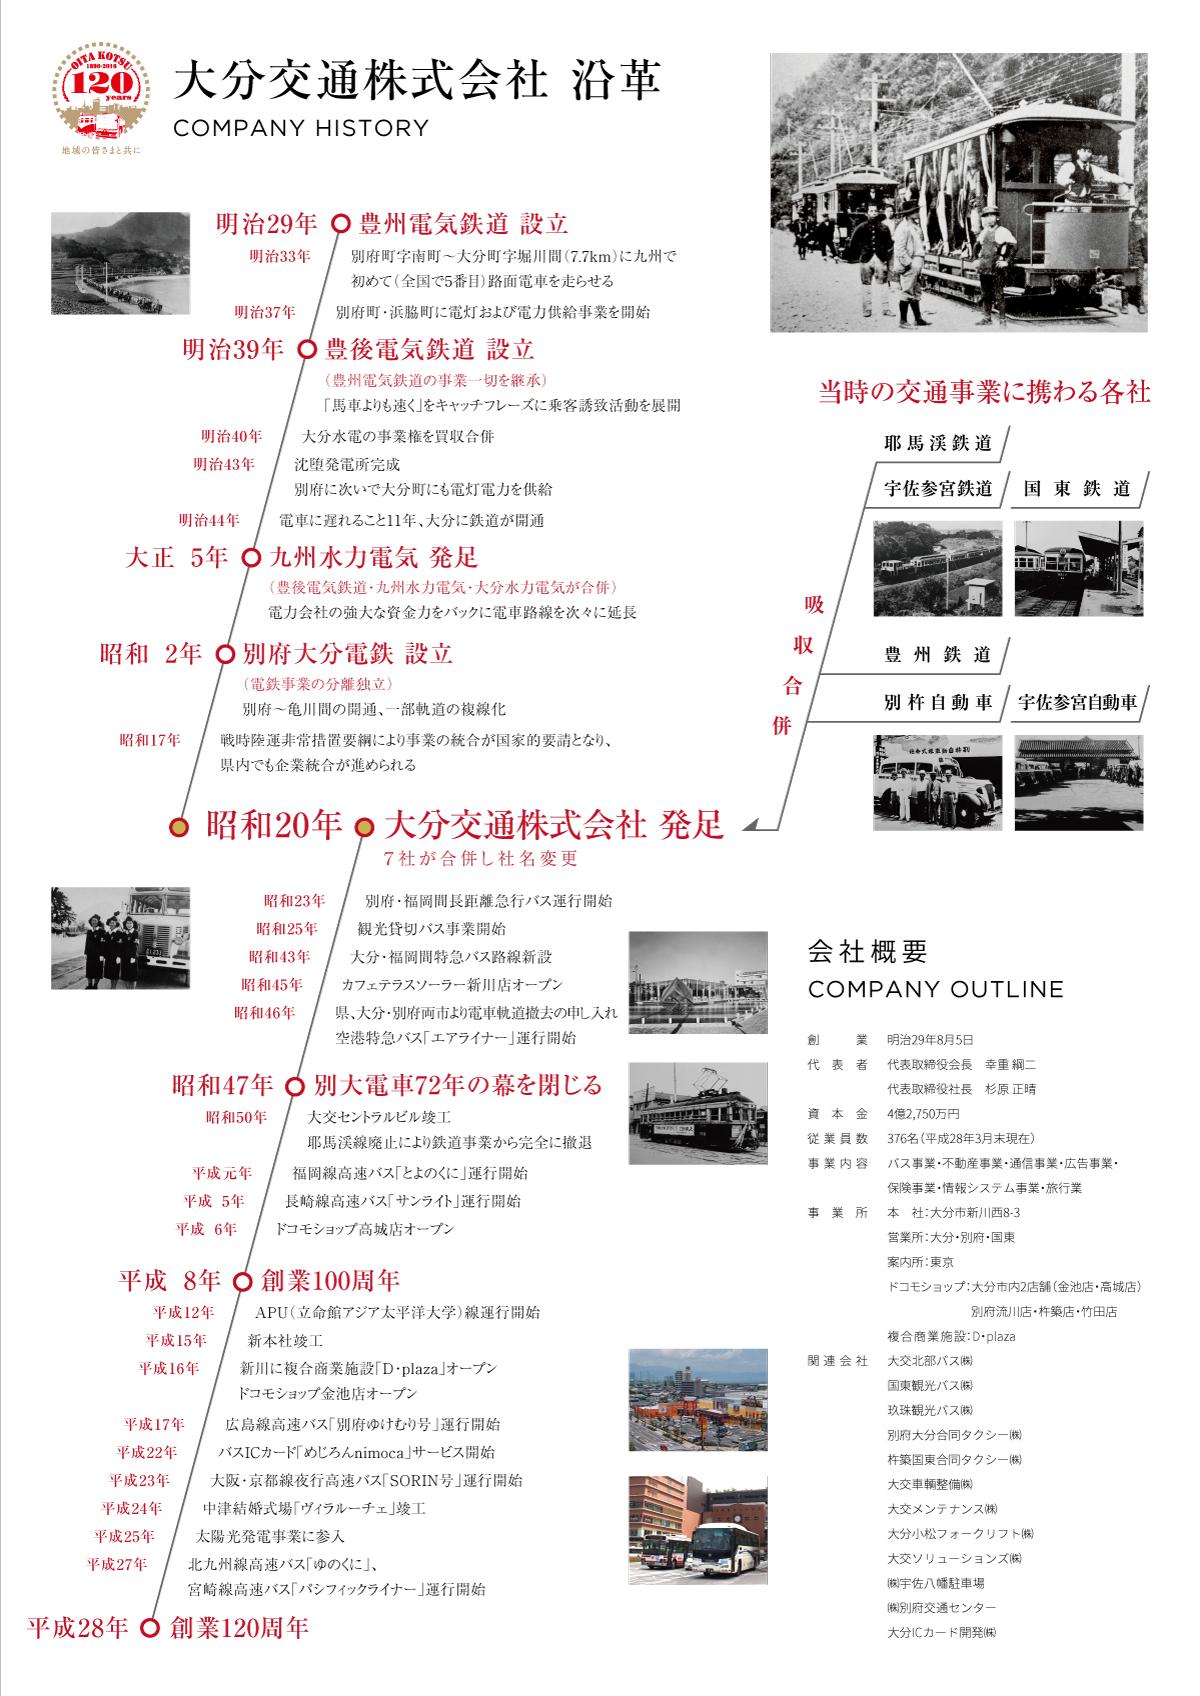 大分交通 120周年記念 空港写真展沿革パネル